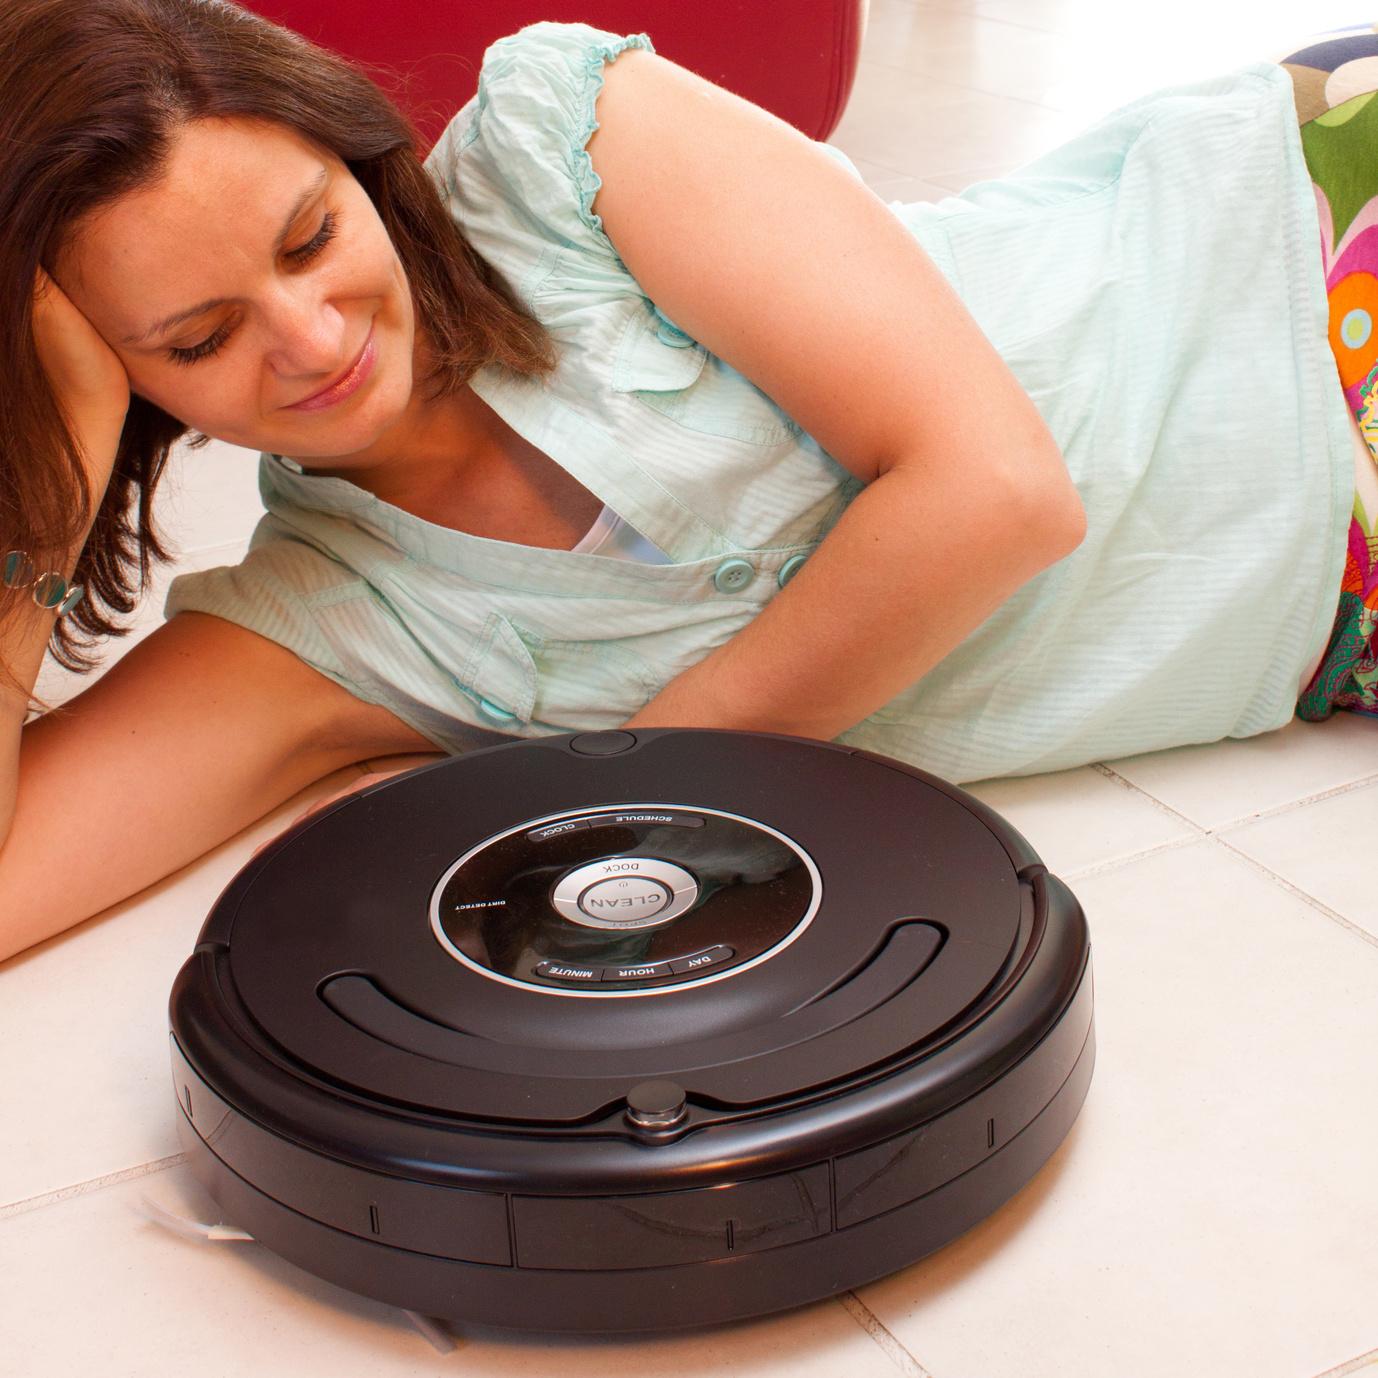 haushaltsroboter test saugroboter und mehr. Black Bedroom Furniture Sets. Home Design Ideas